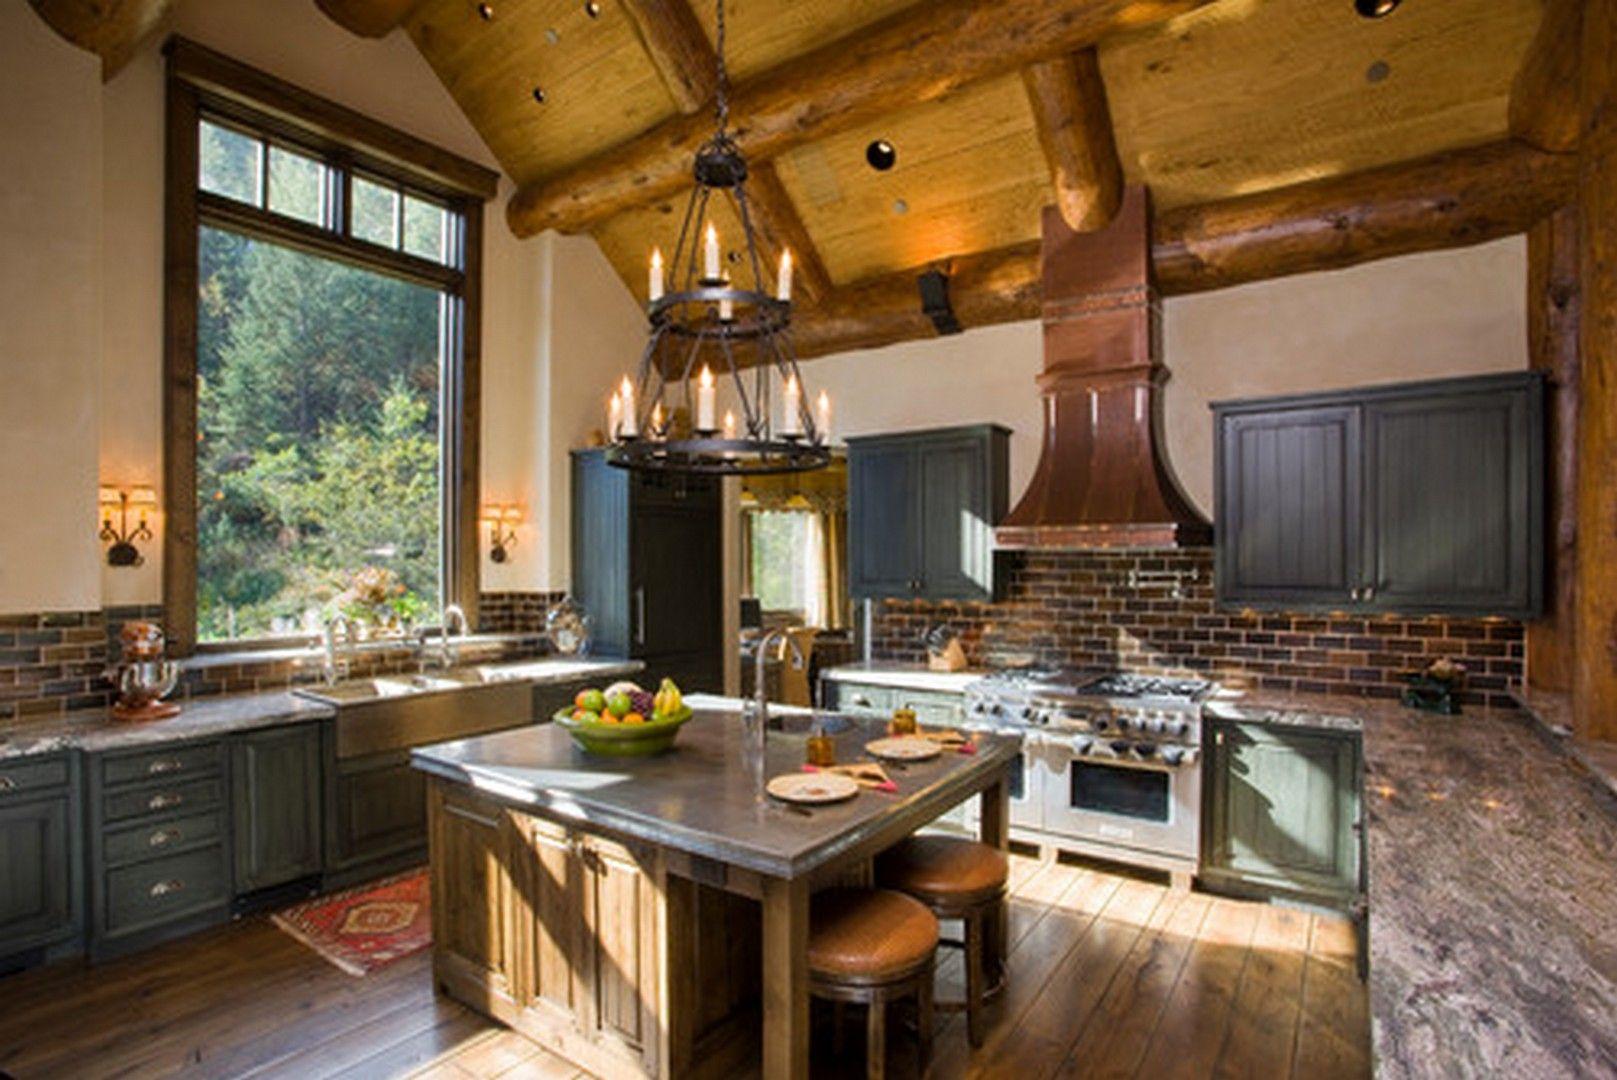 U Bahn Fliesen Arbeitsplatte Design Das Ihre Kuche Charmant Aussehen Lasst Rustic Kitchen Backsplash Rustic Kitchen Countertop Design